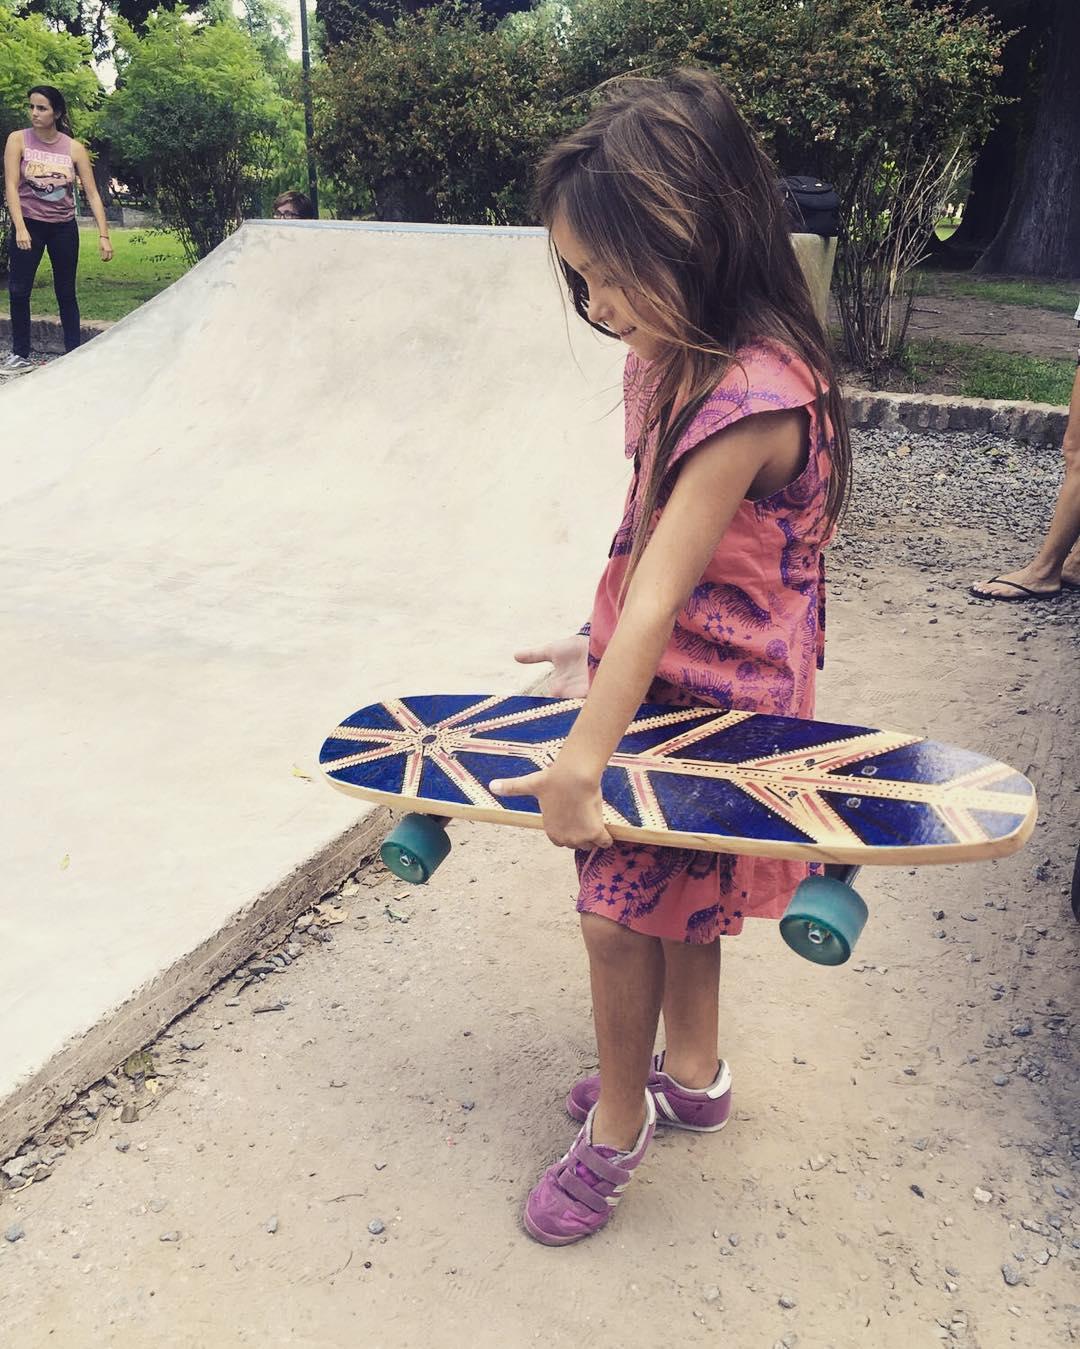 Ese power que llevas dentro. GRACIAS @carolaetche #deslizate #skate #kids